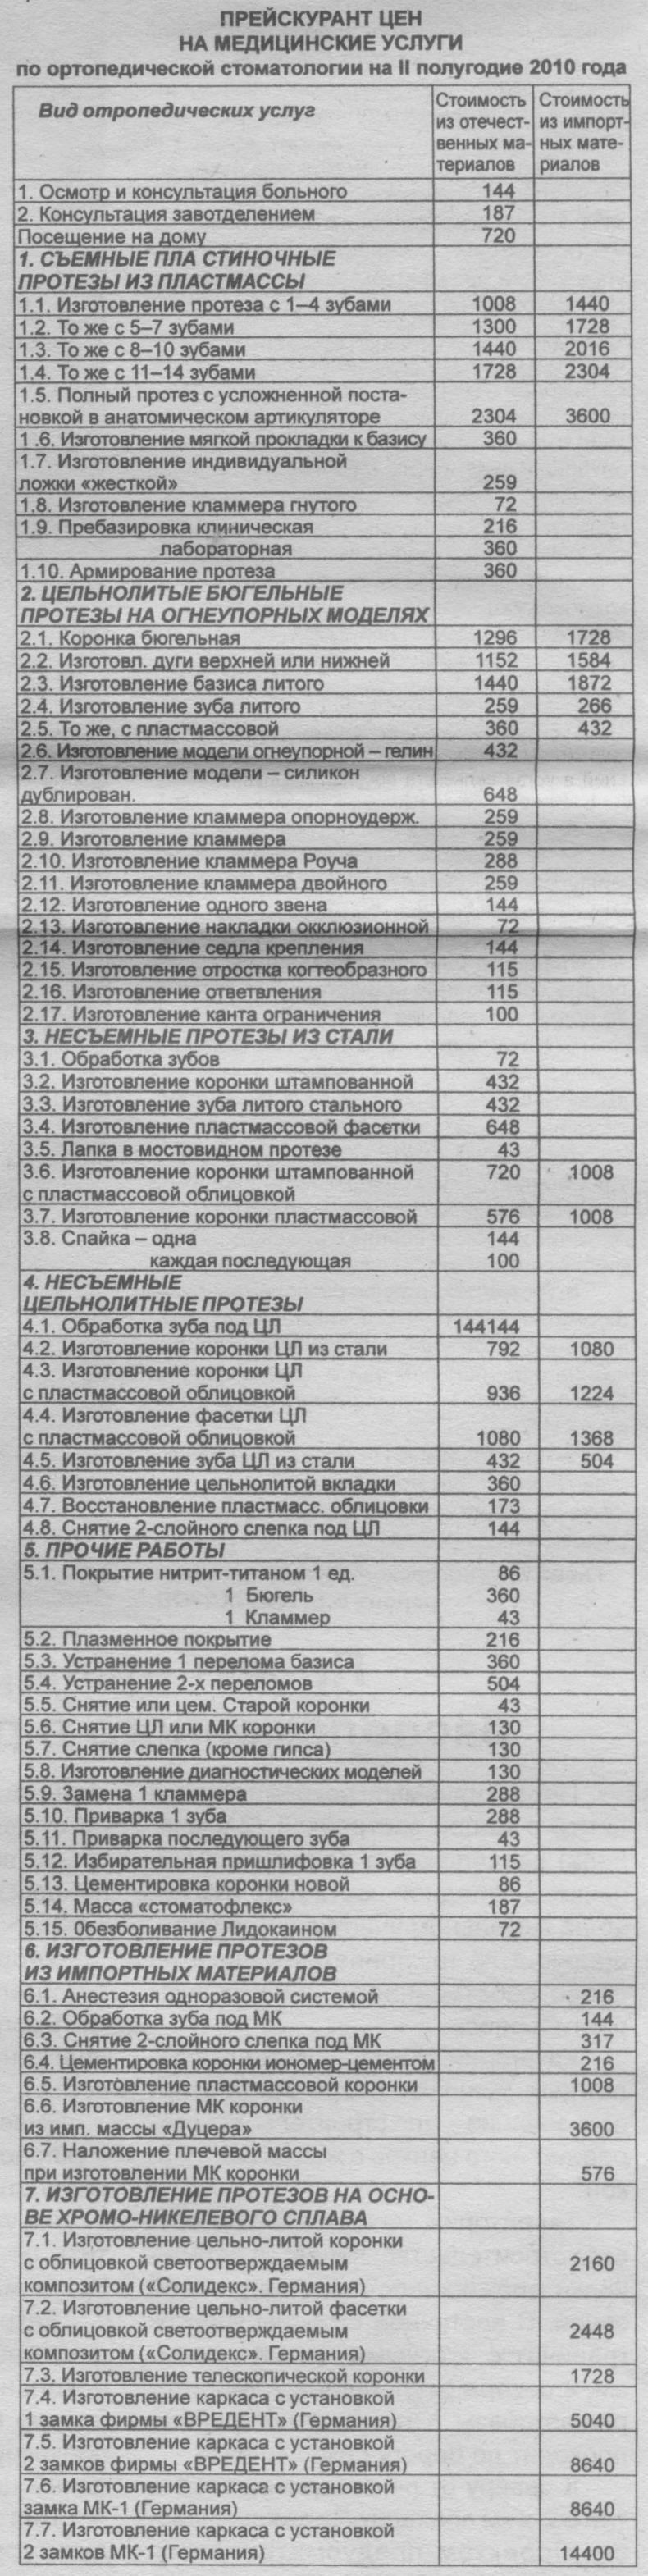 Поликлиника 9 мариуполь регистратура телефон